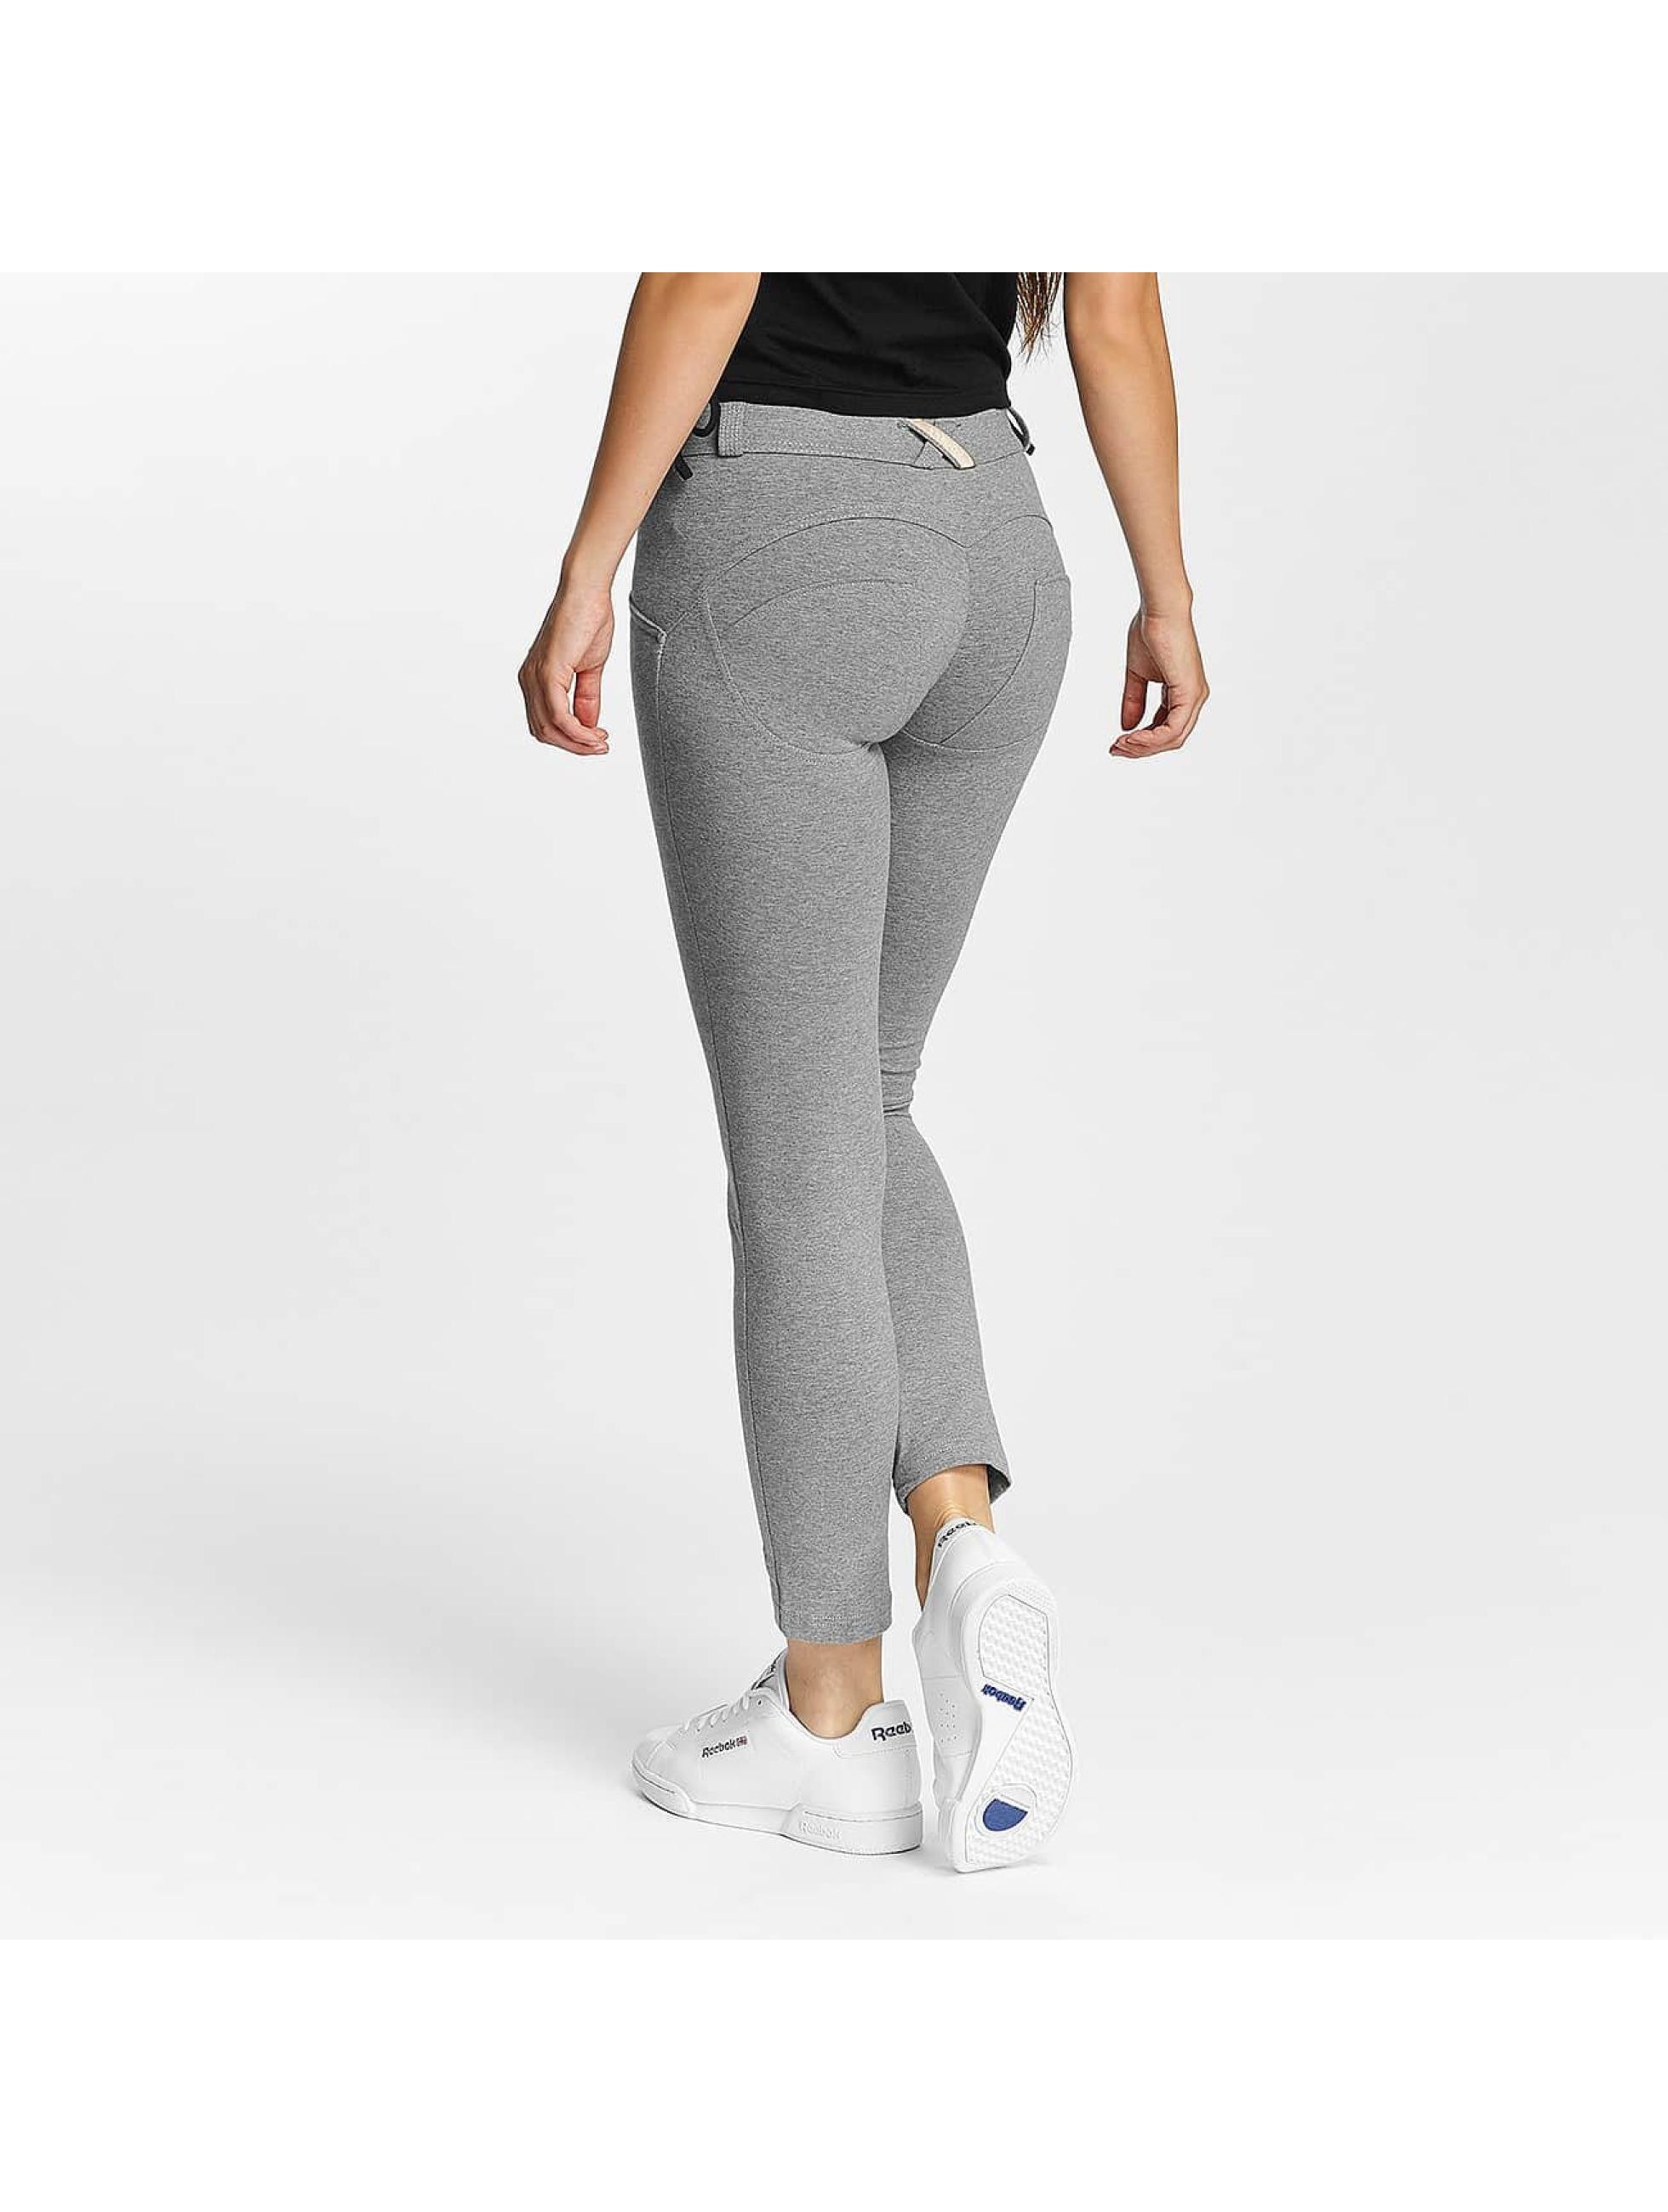 Freddy Облегающие джинсы 7/8 Regular серый